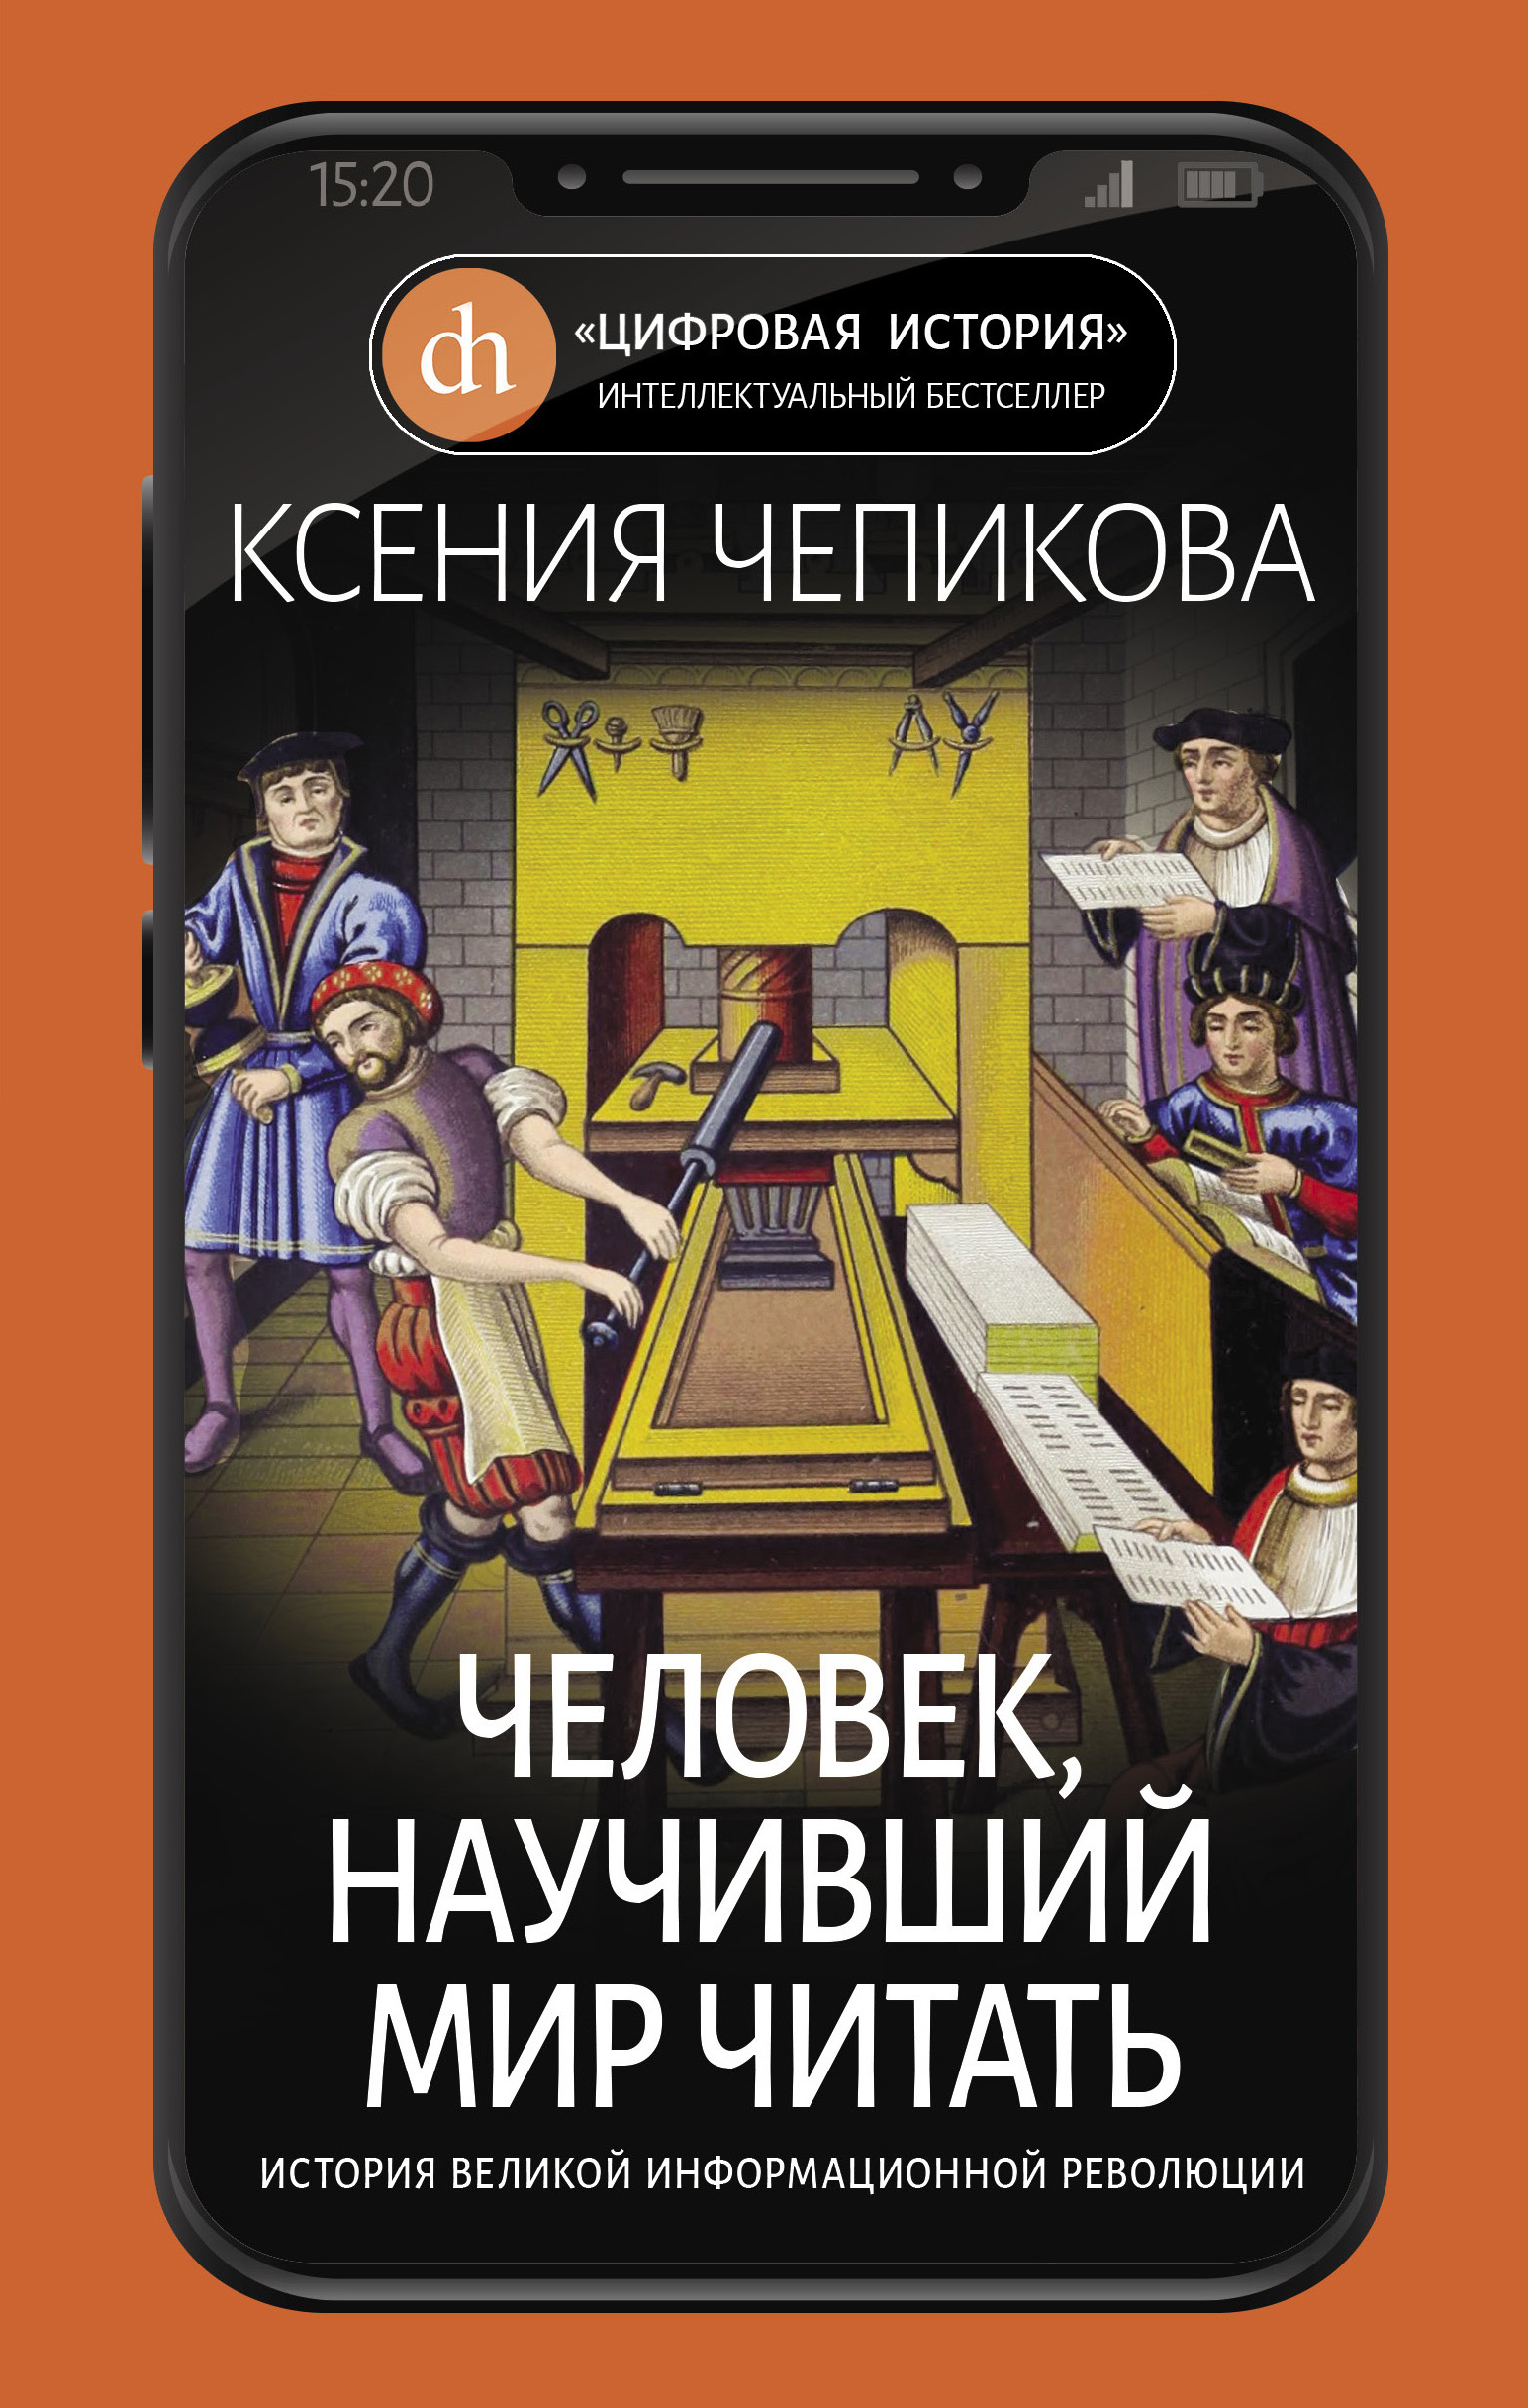 Ксения Чепикова Человек, научивший мир читать. История Великой информационной революции